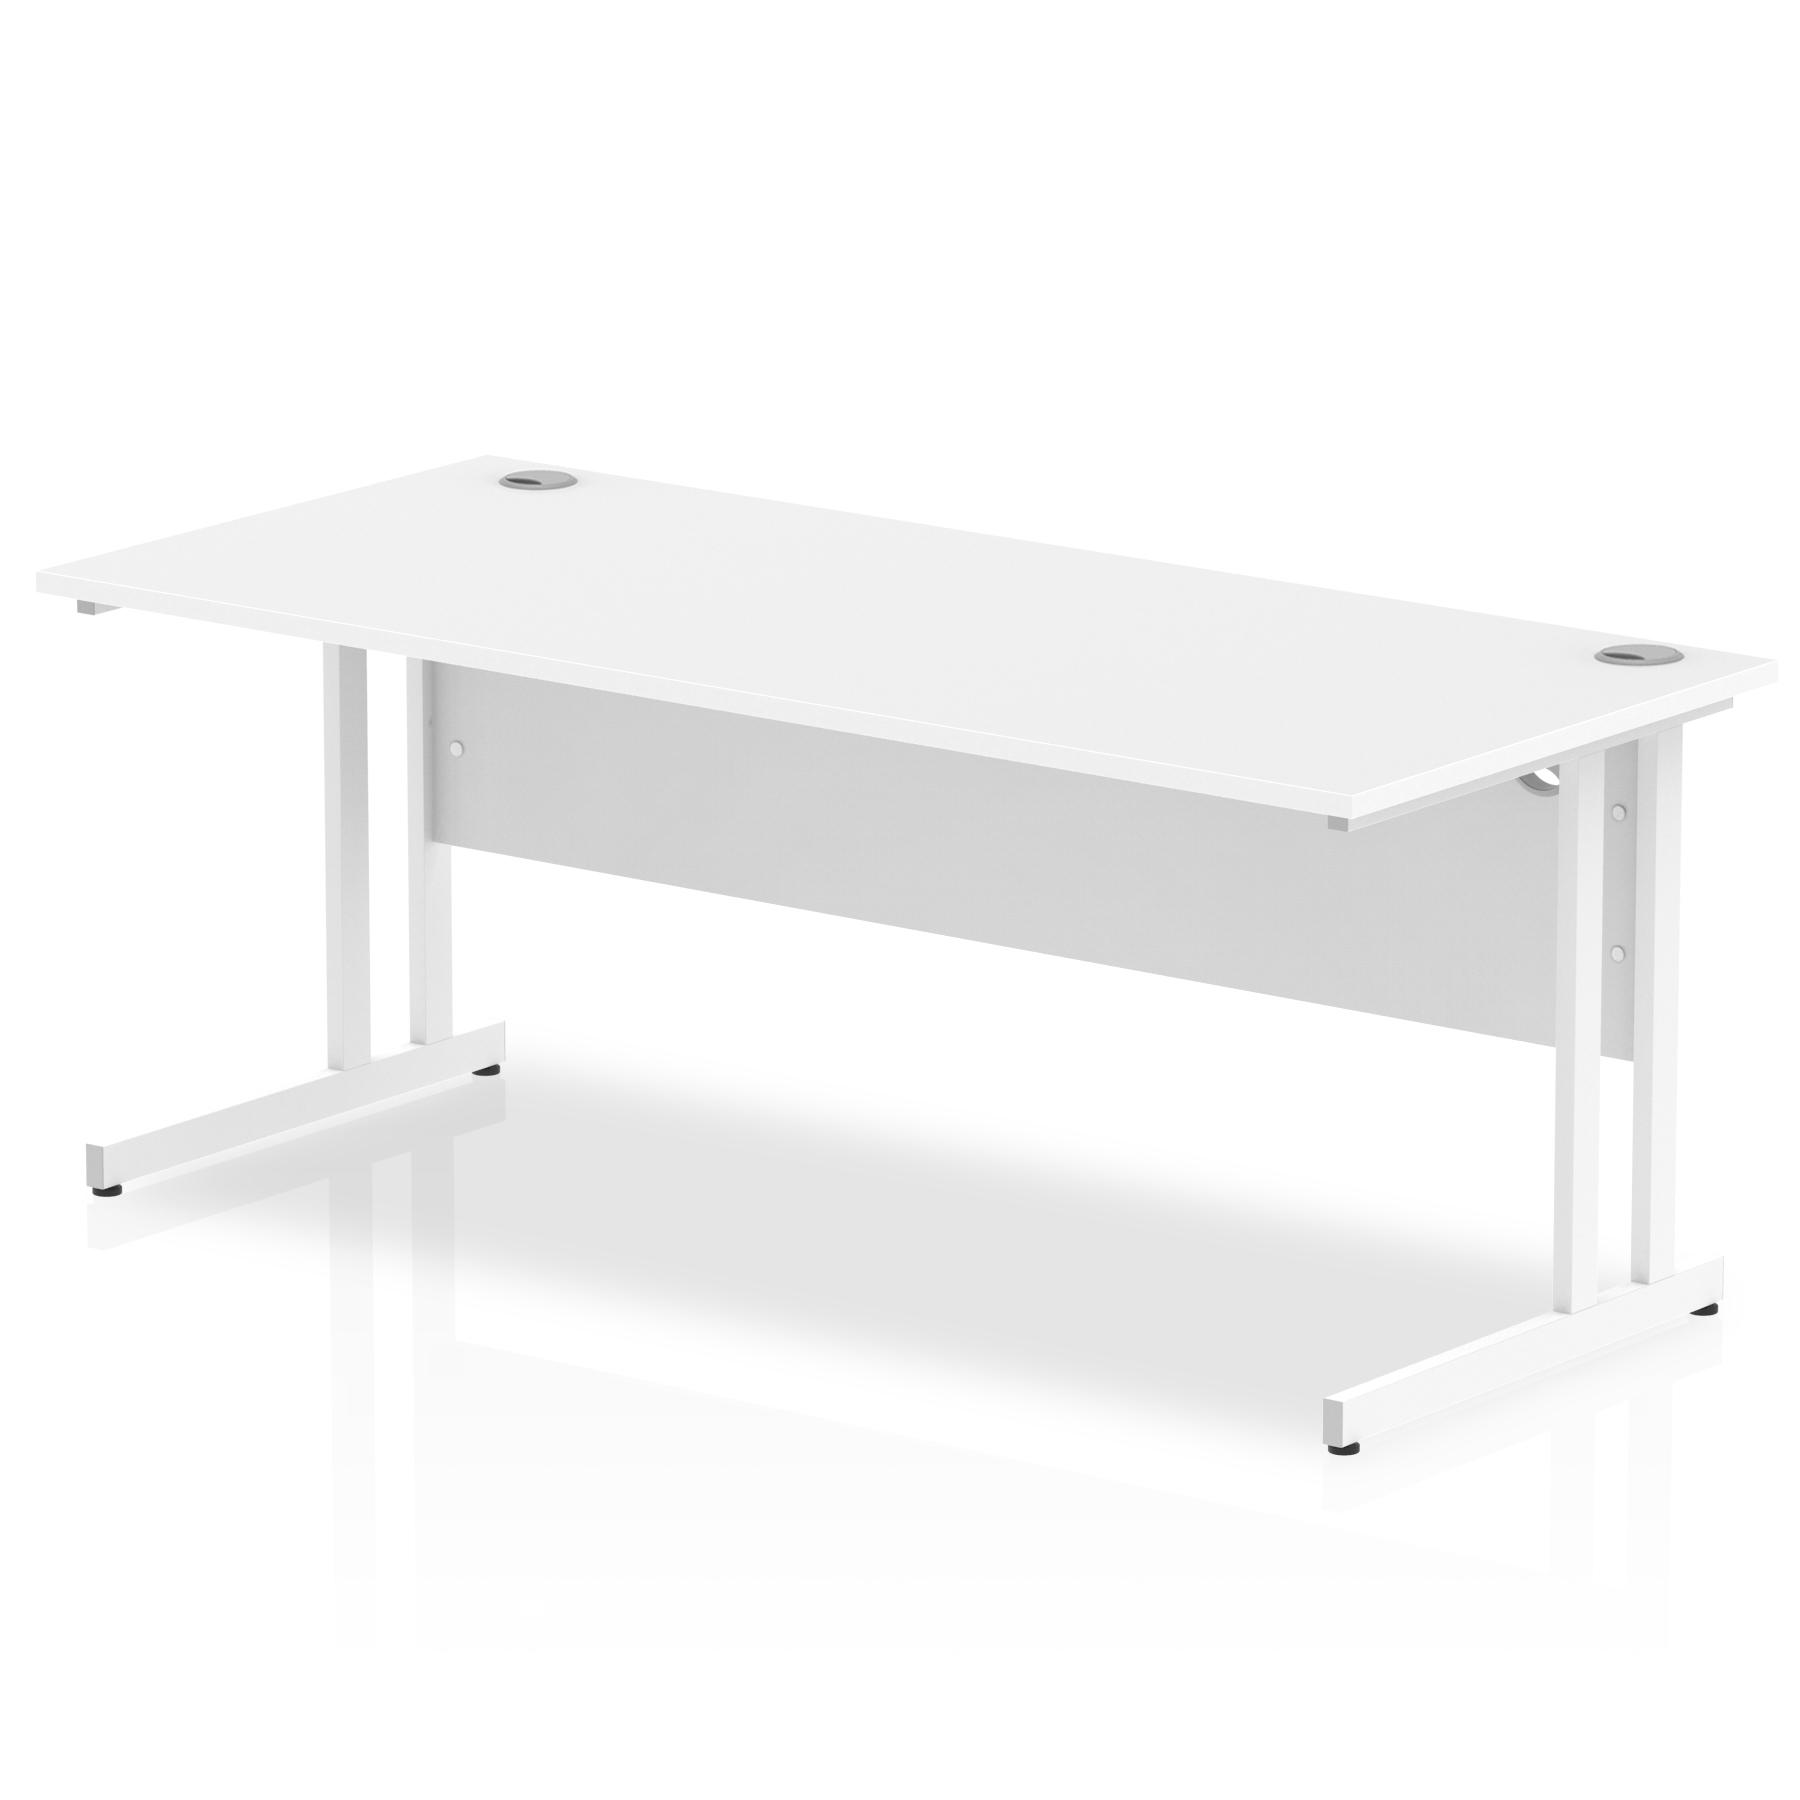 Rectangular Desks Impulse 1800 x 800mm Straight Desk White Top White Cantilever Leg MI002194